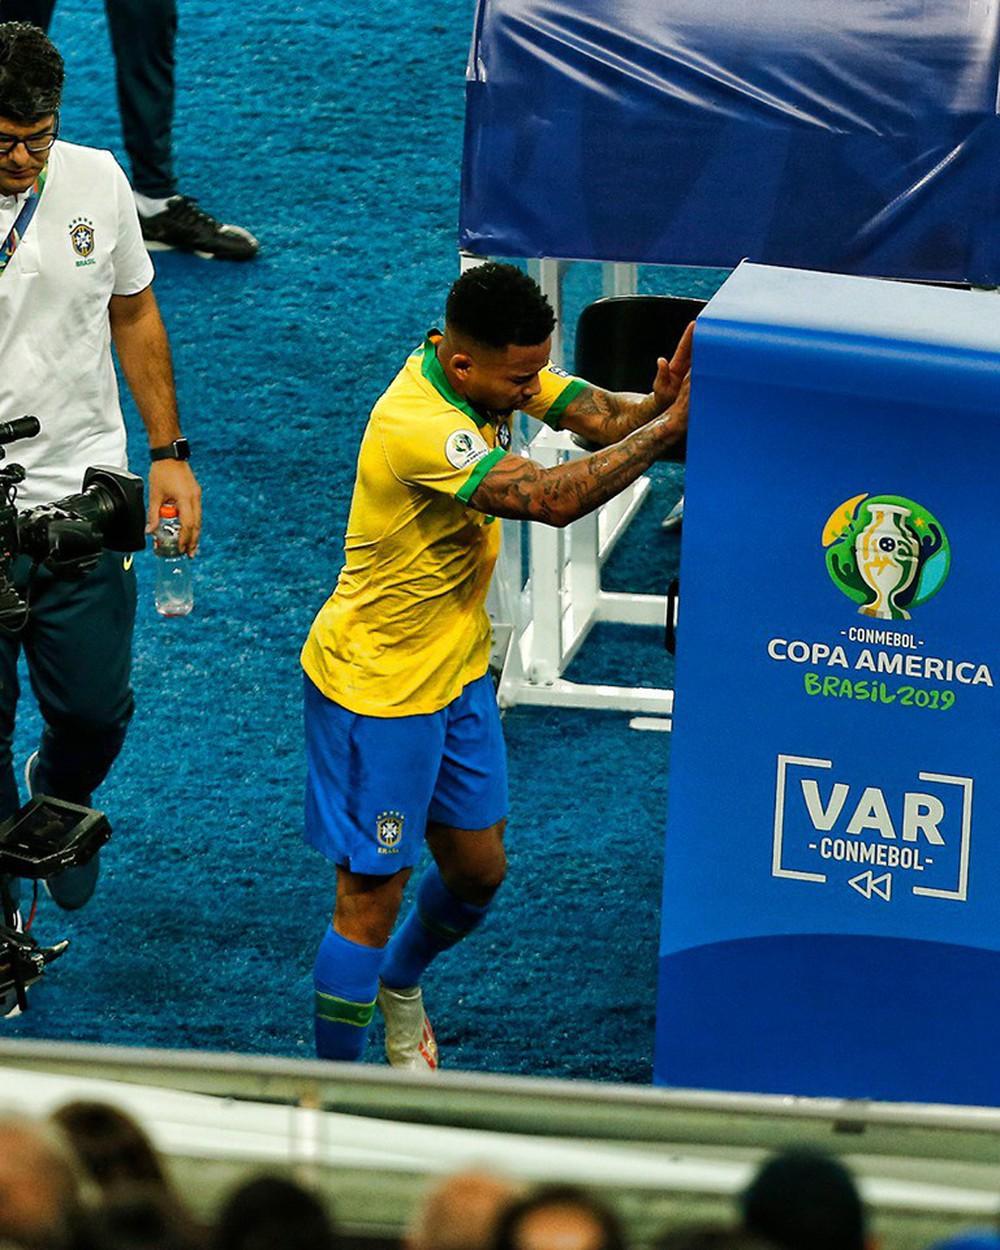 Ghi bàn, kiến tạo rồi ăn thẻ đỏ, tiền đạo Brazil sút tung chai nước, đẩy ngã màn hình VAR rồi khóc như trẻ con trong đường hầm - Ảnh 4.